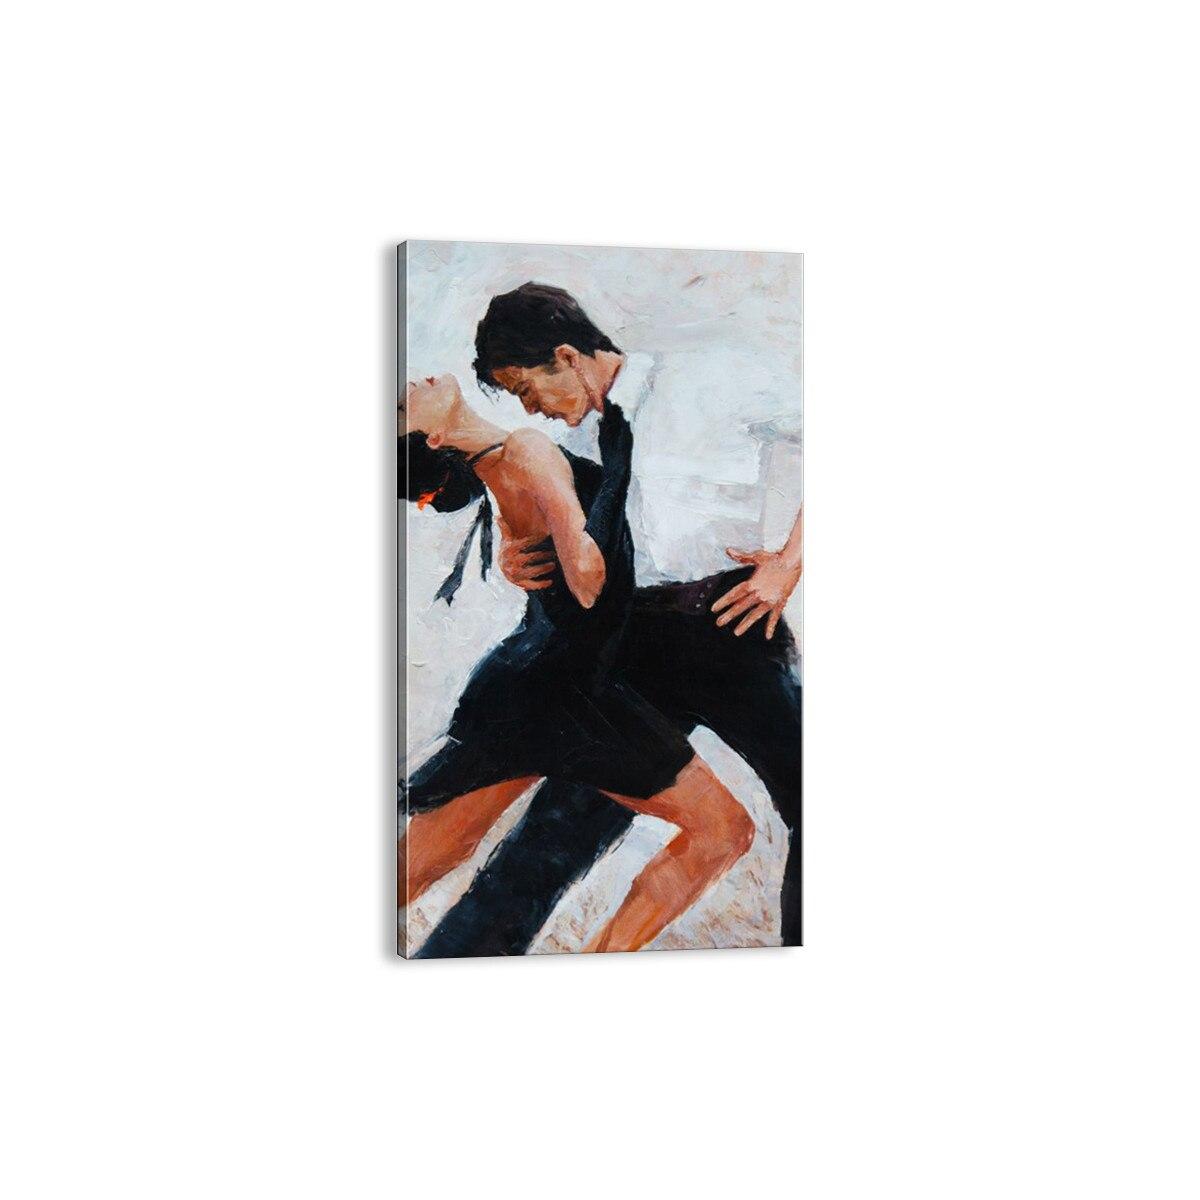 pierderea în greutate tango pierde grăsimea corporală și nu greutate